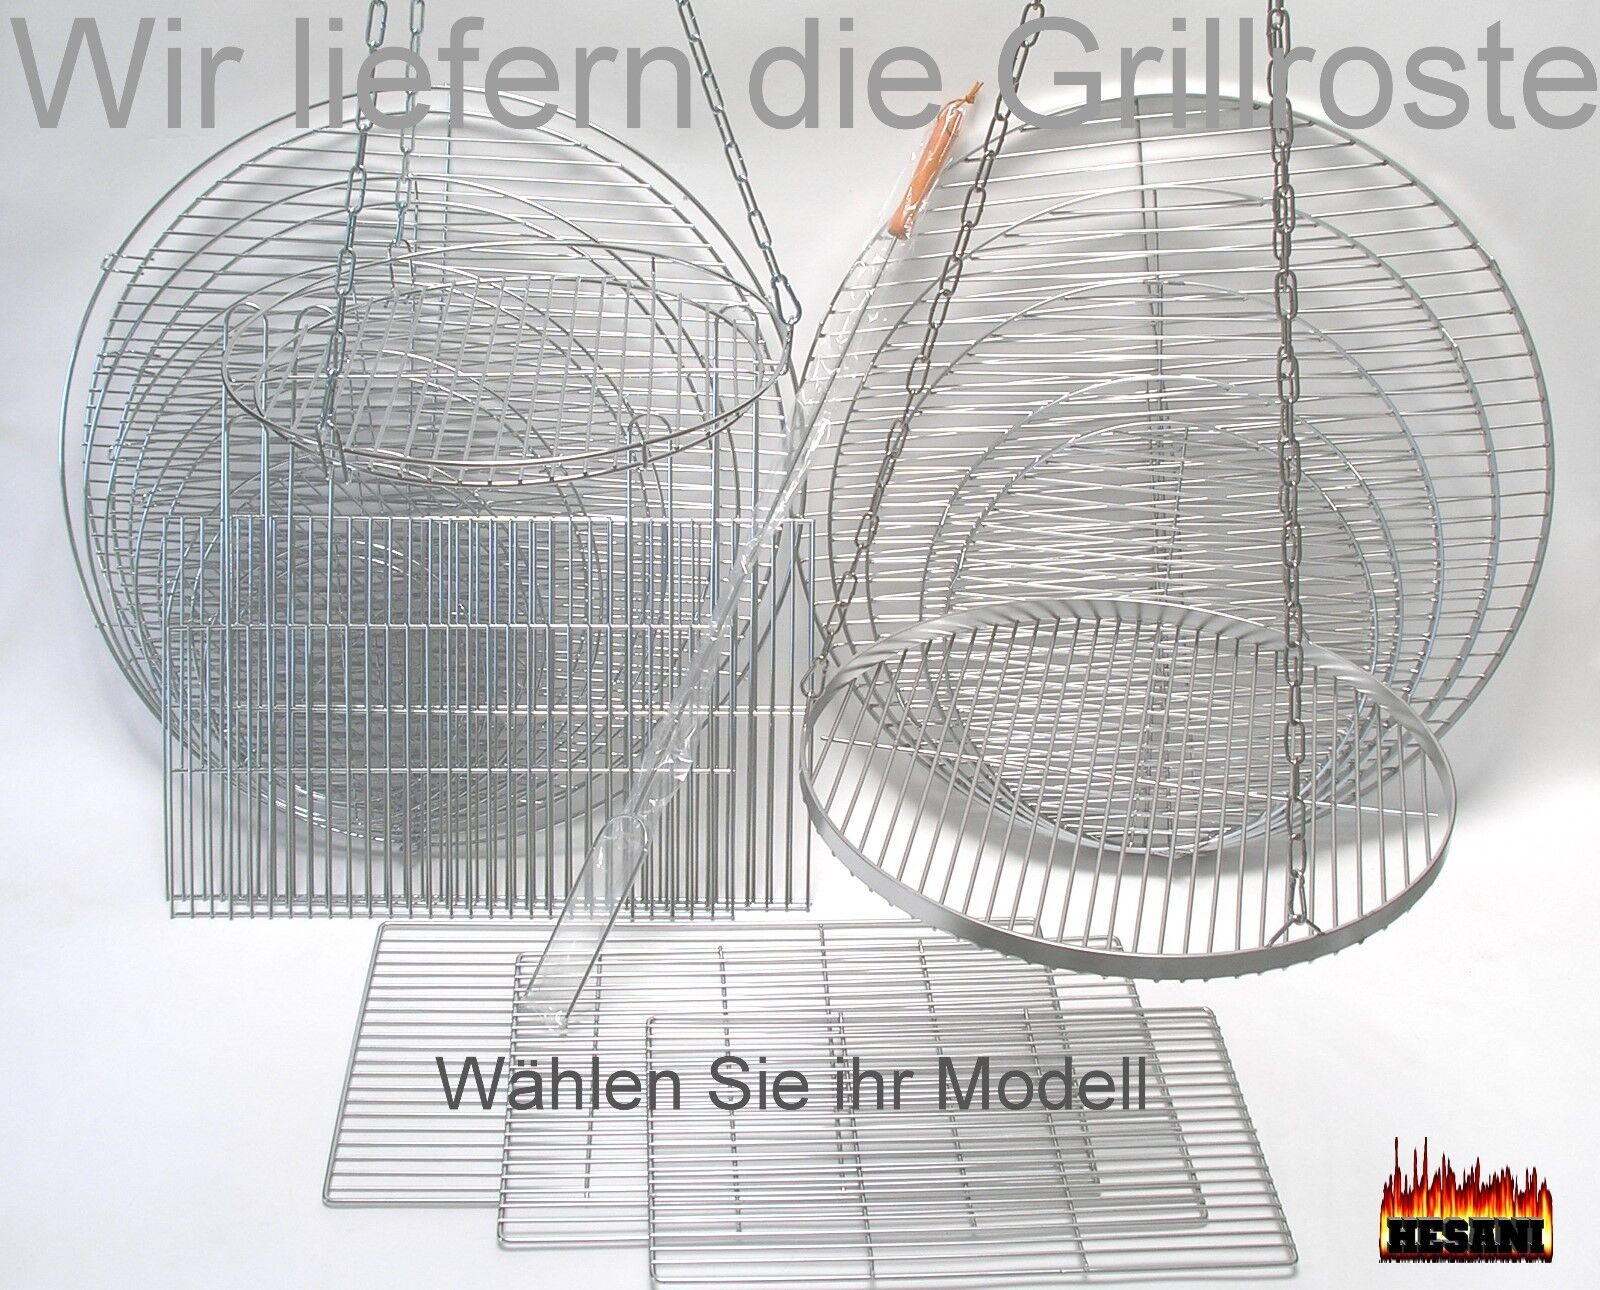 Grillrost chrome Edelstahl Grill Kugelgrill rechteckig Gitter auch für Weber 47